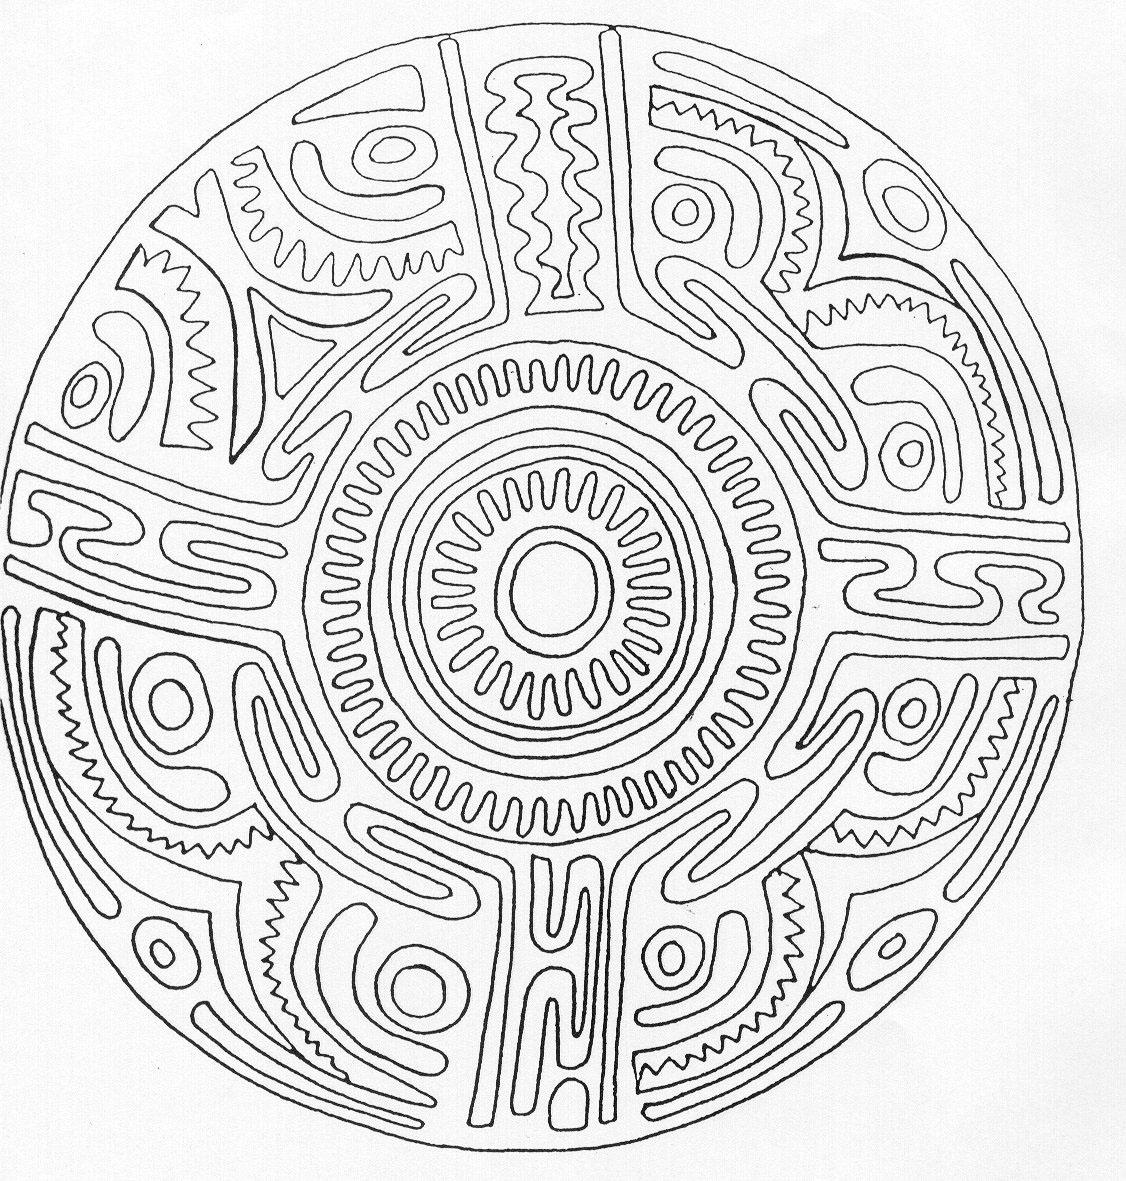 Coloriage Mandala Difficile - Les Beaux Dessins De Meilleurs serapportantà Coloriage De Mandala Difficile A Imprimer